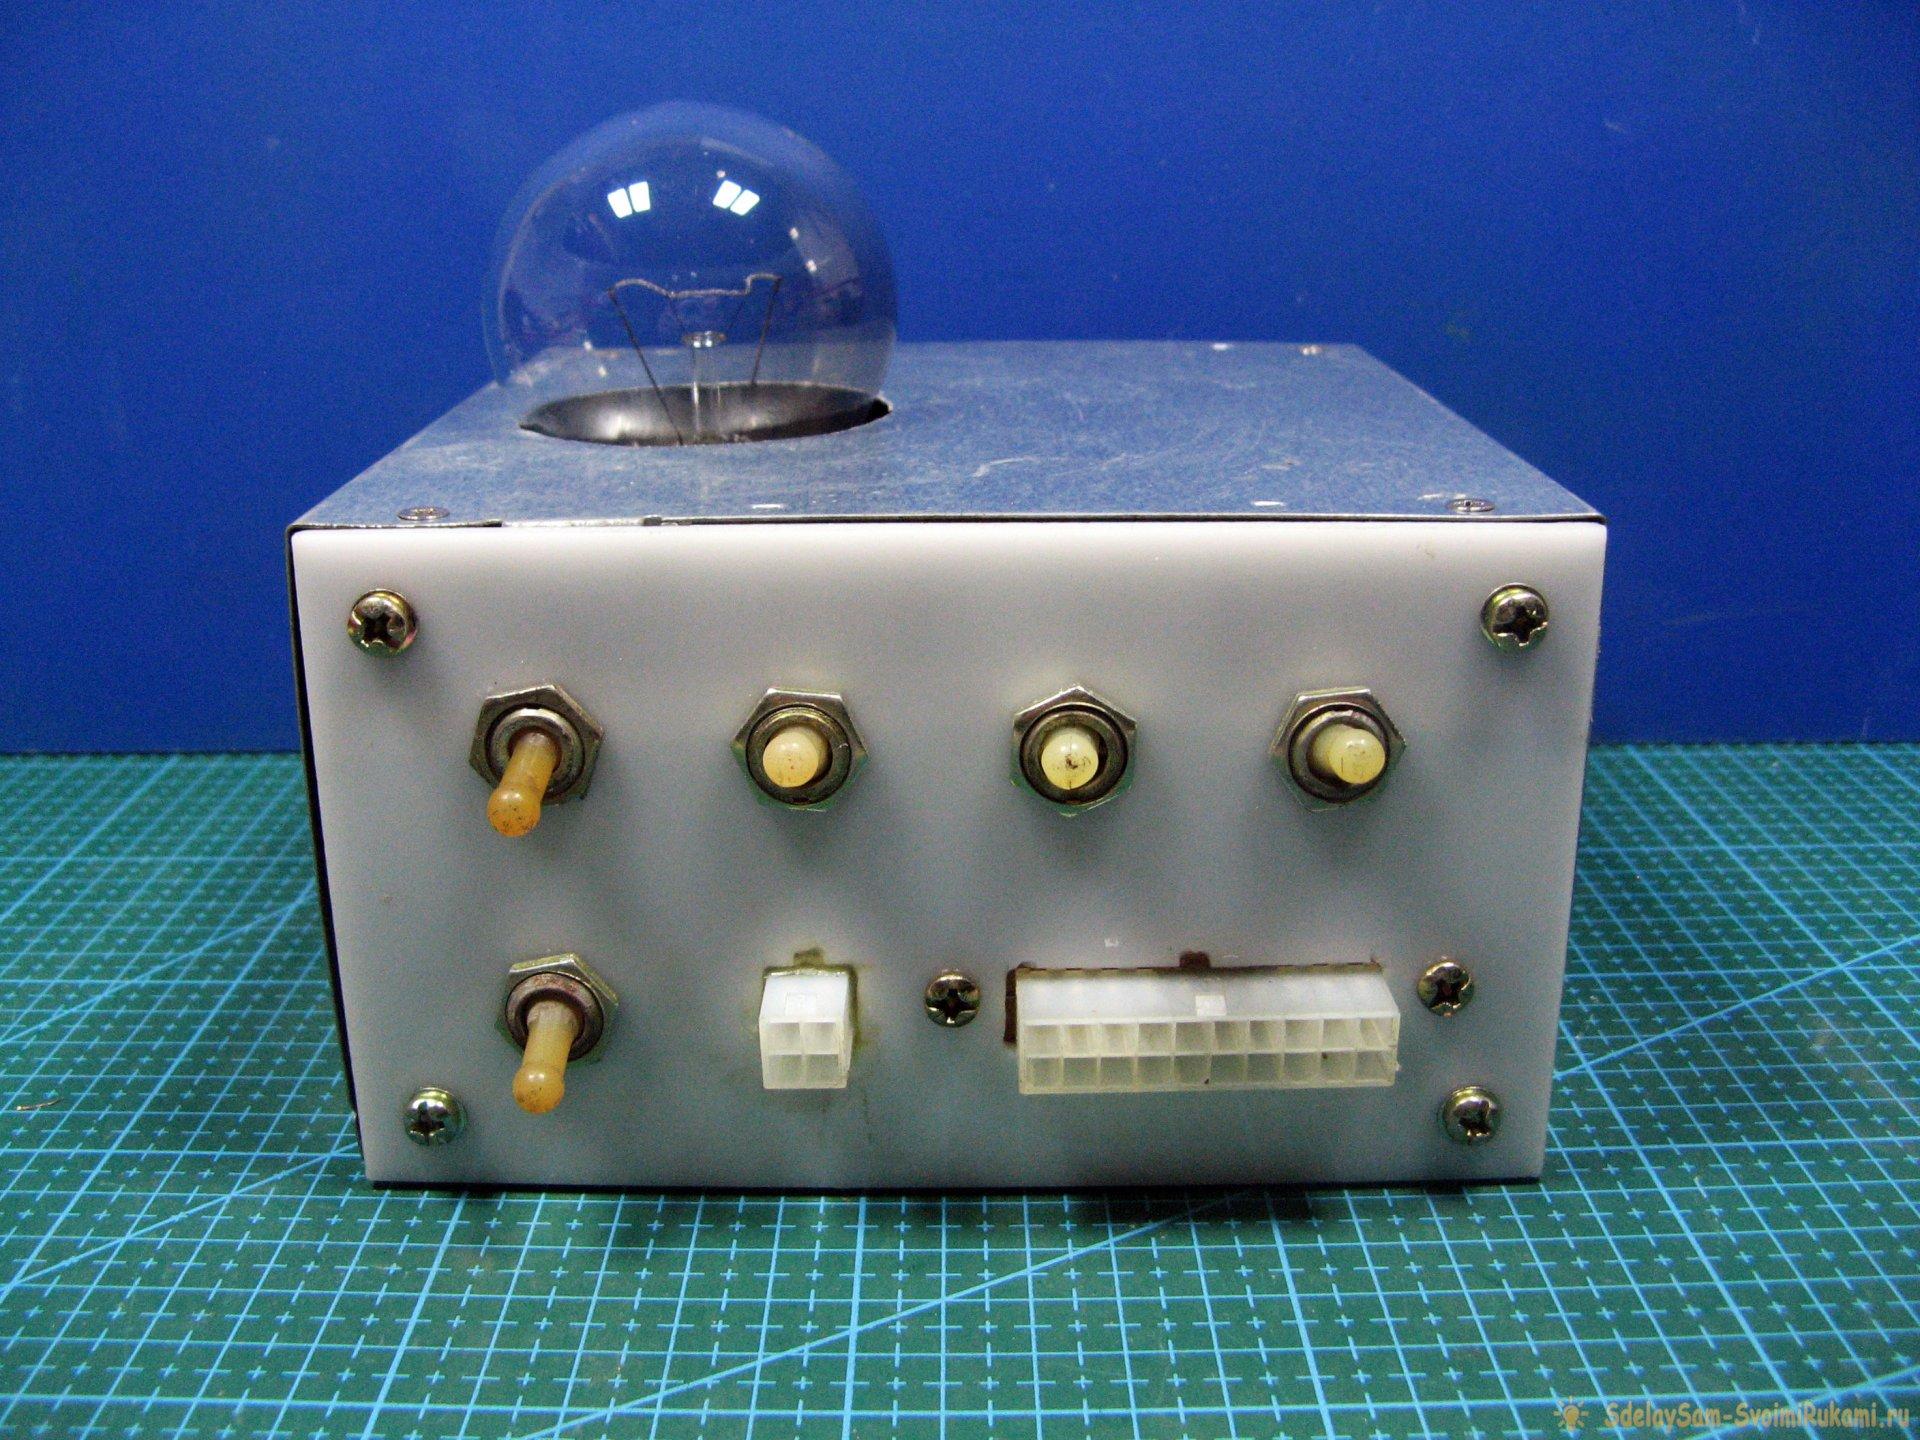 «Нагружатор» - крайне необходимый и нужный прибор для ремонта электроники